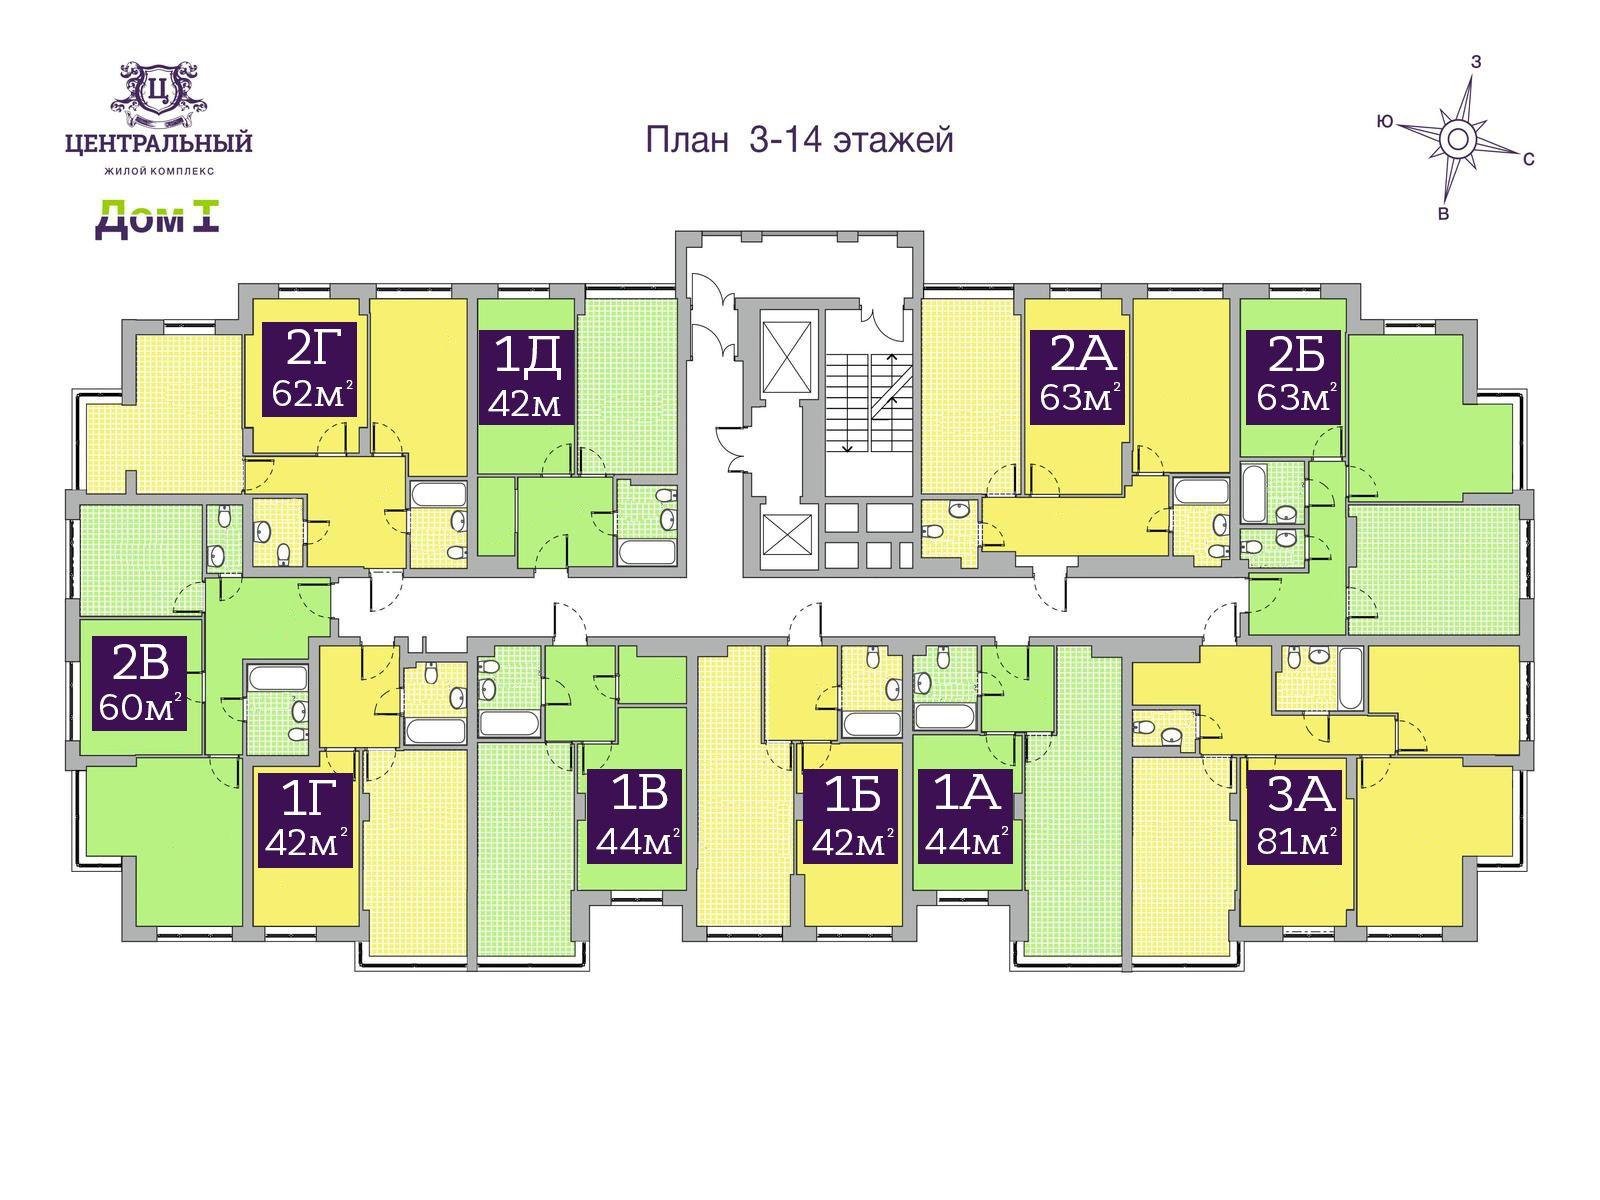 Дом 1, 3-14 этажи